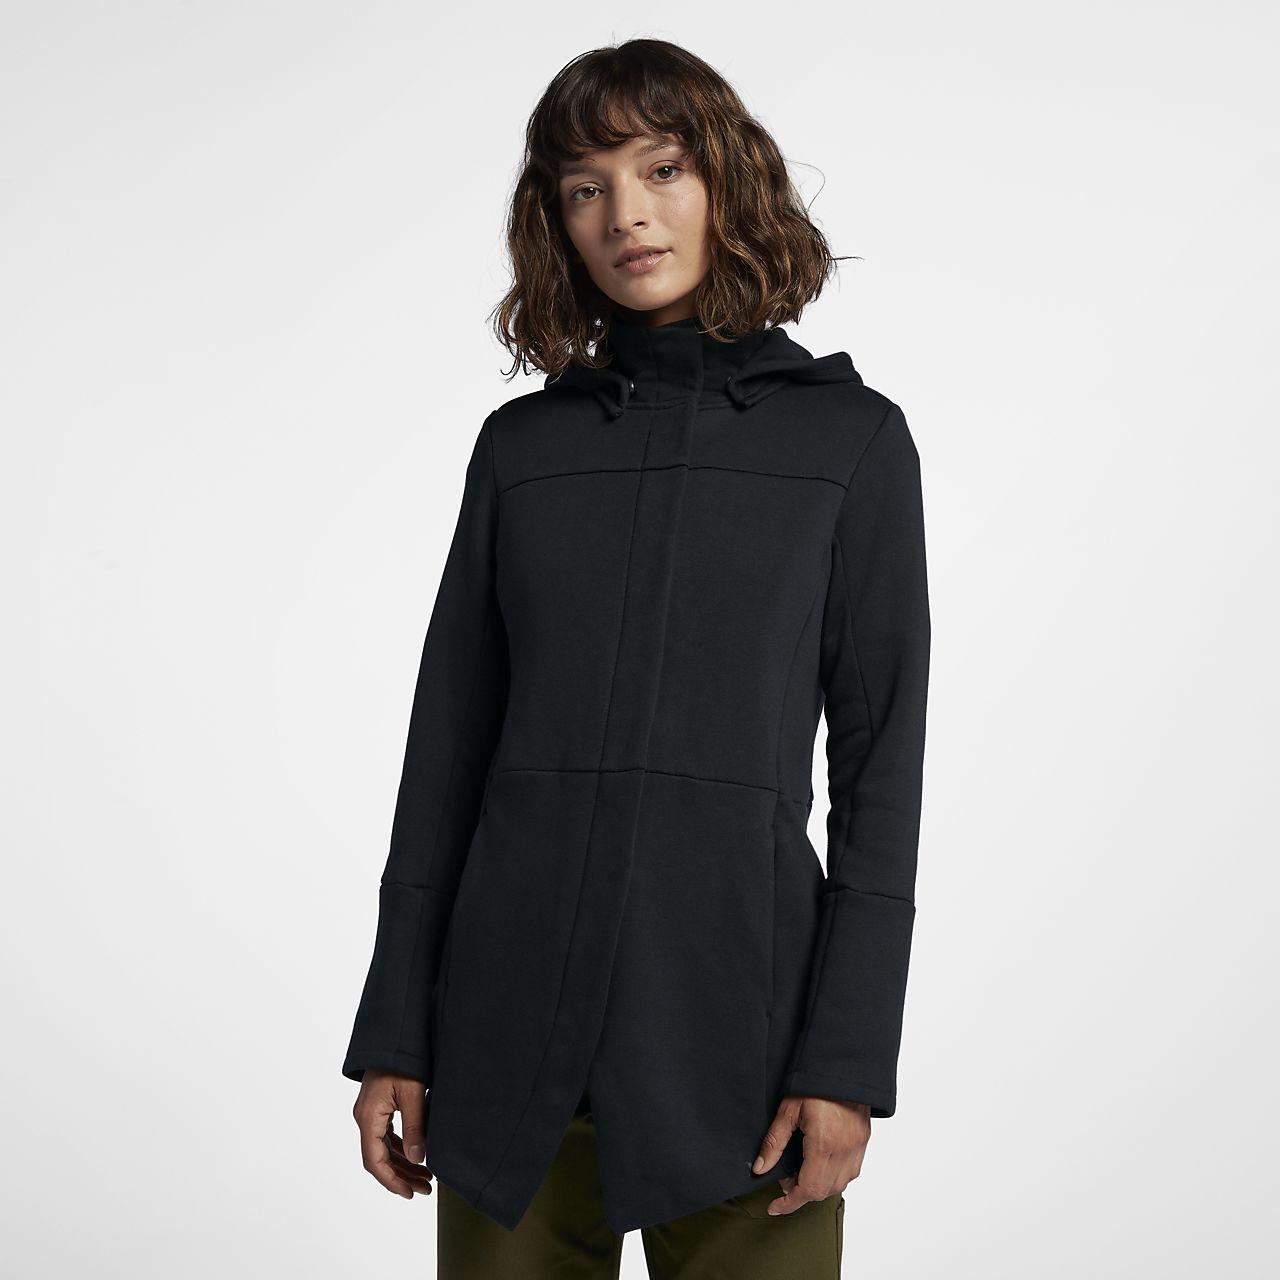 Dámská bunda Hurley Winchester Full-Zip Fleece. Nike.com CZ 5afdd19a09